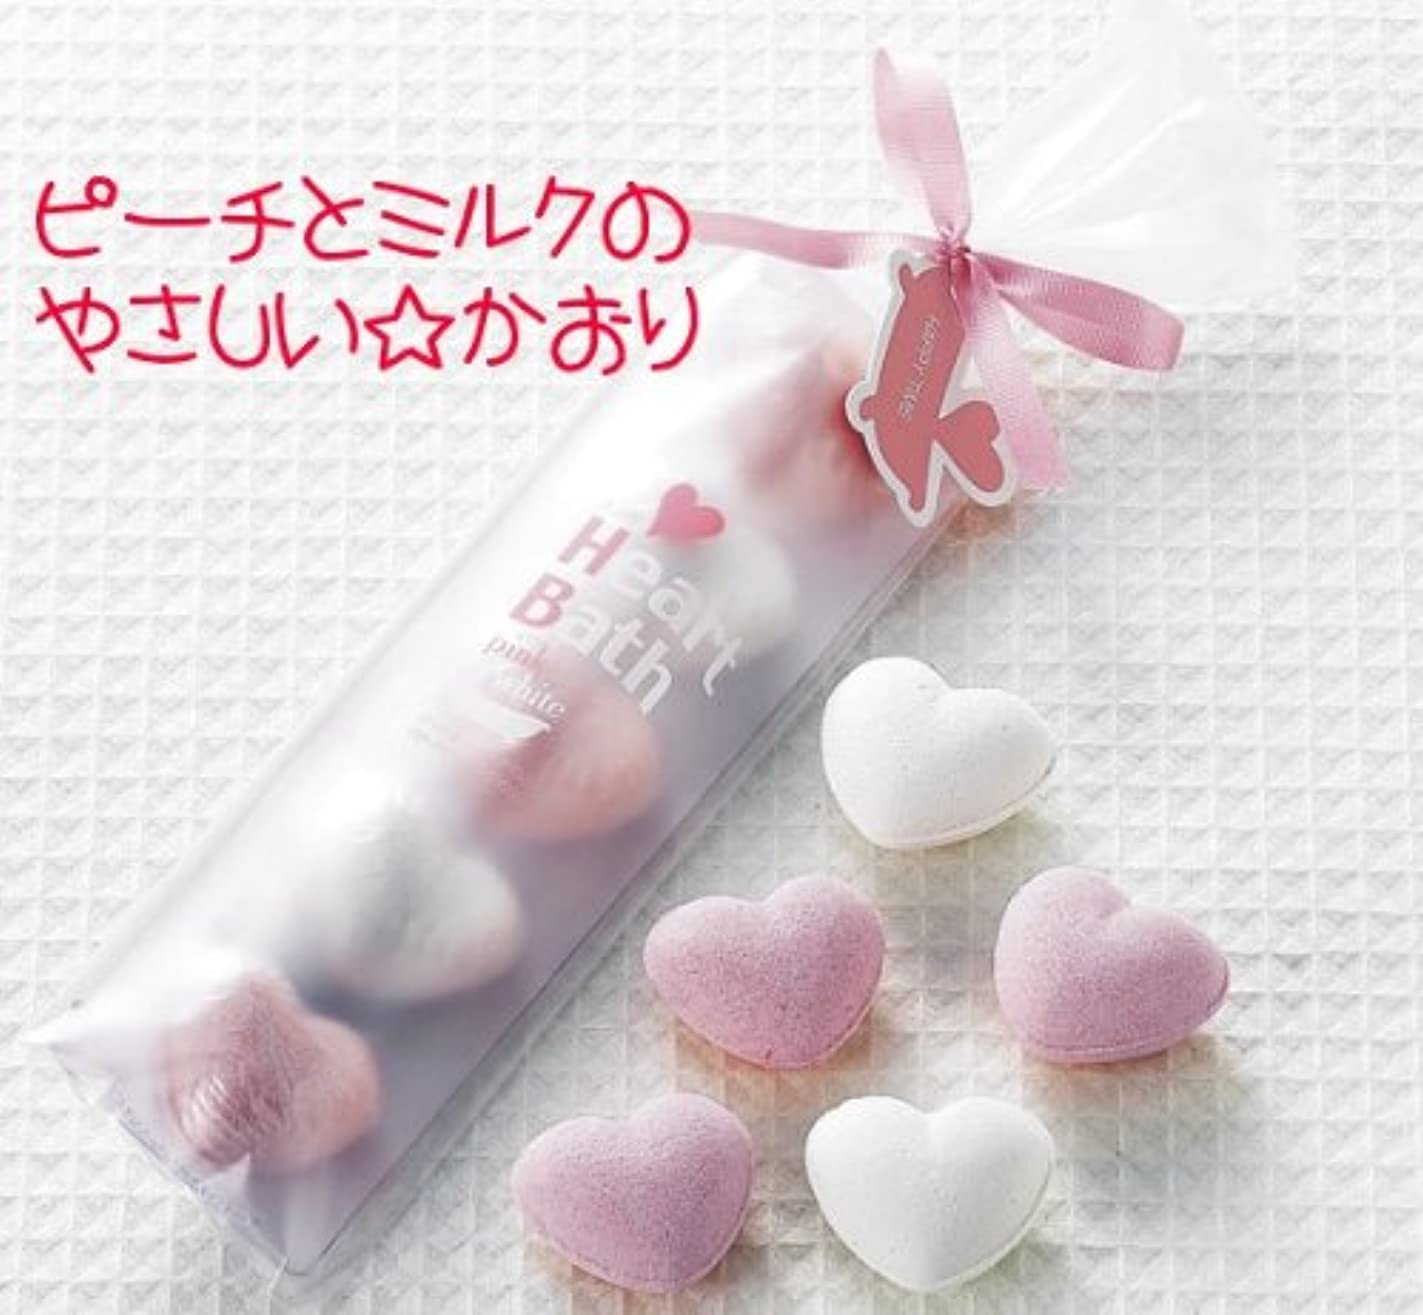 ハートの入浴剤 ピーチ&ミルク【結婚式 二次会 プチギフト】